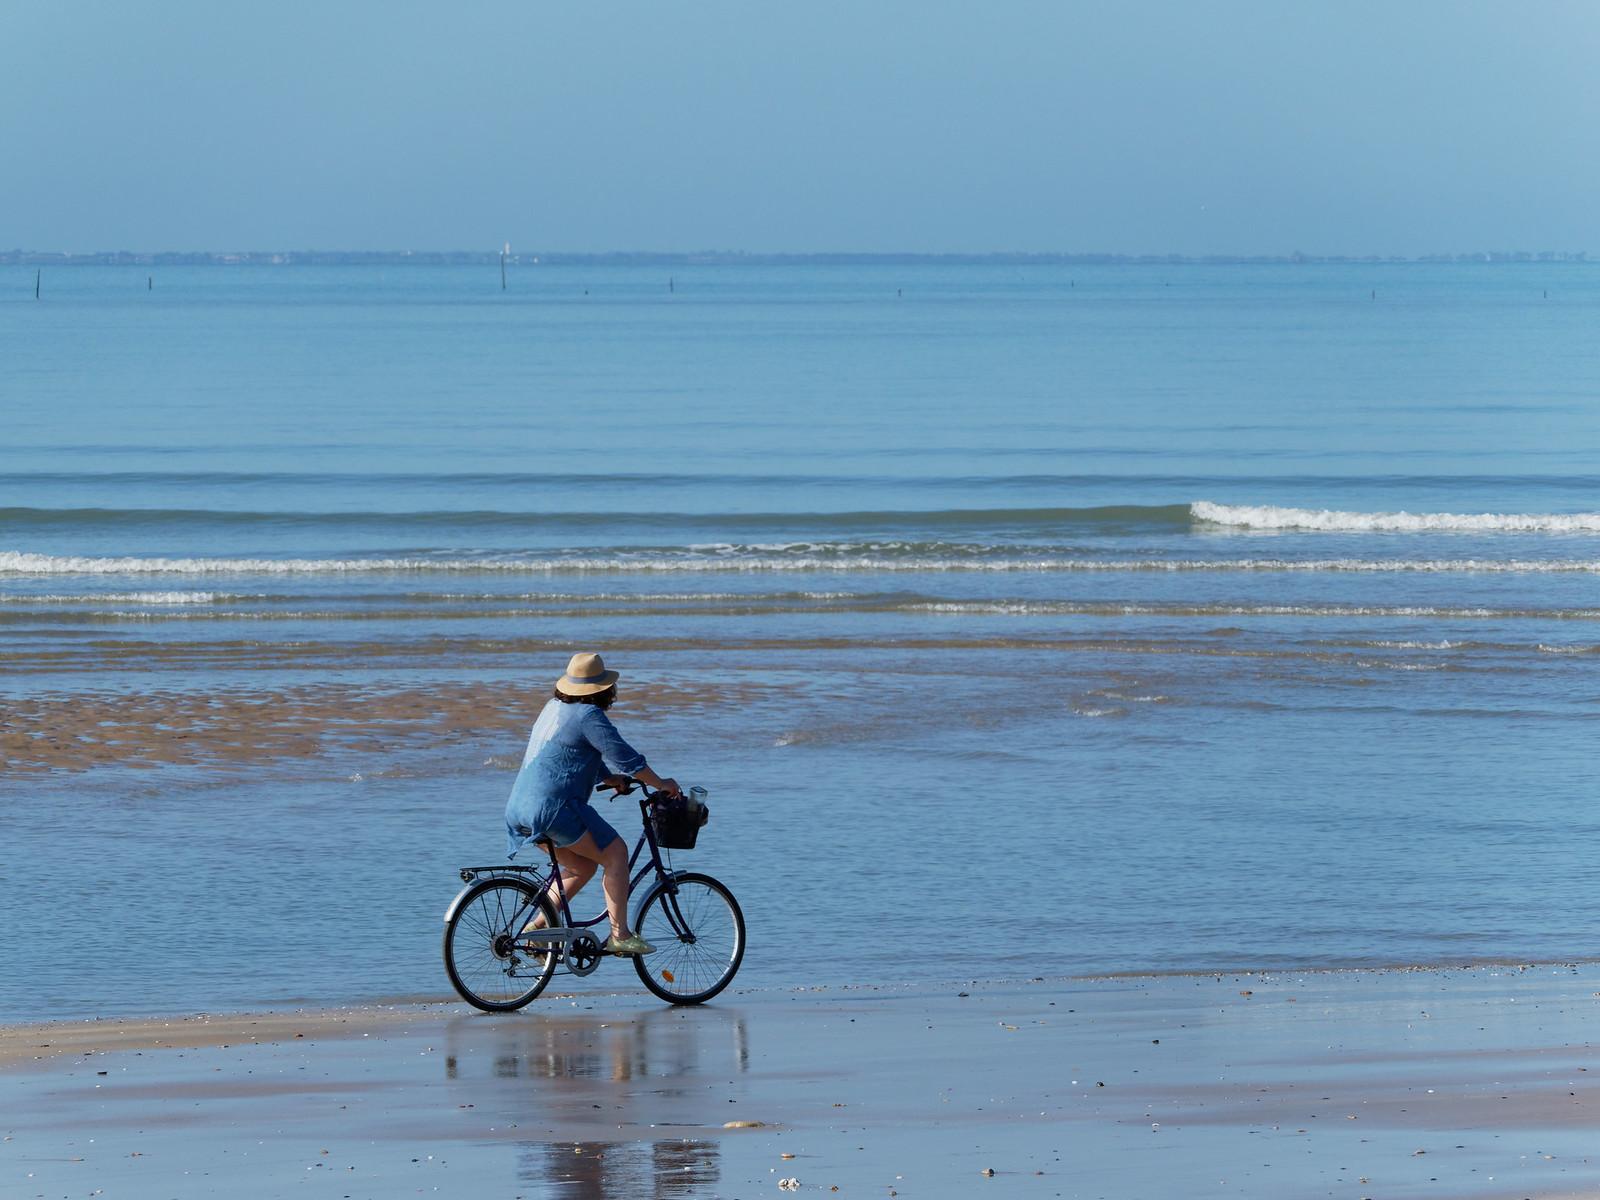 A vélo sur la plage 48473269042_9555ffbfcb_h